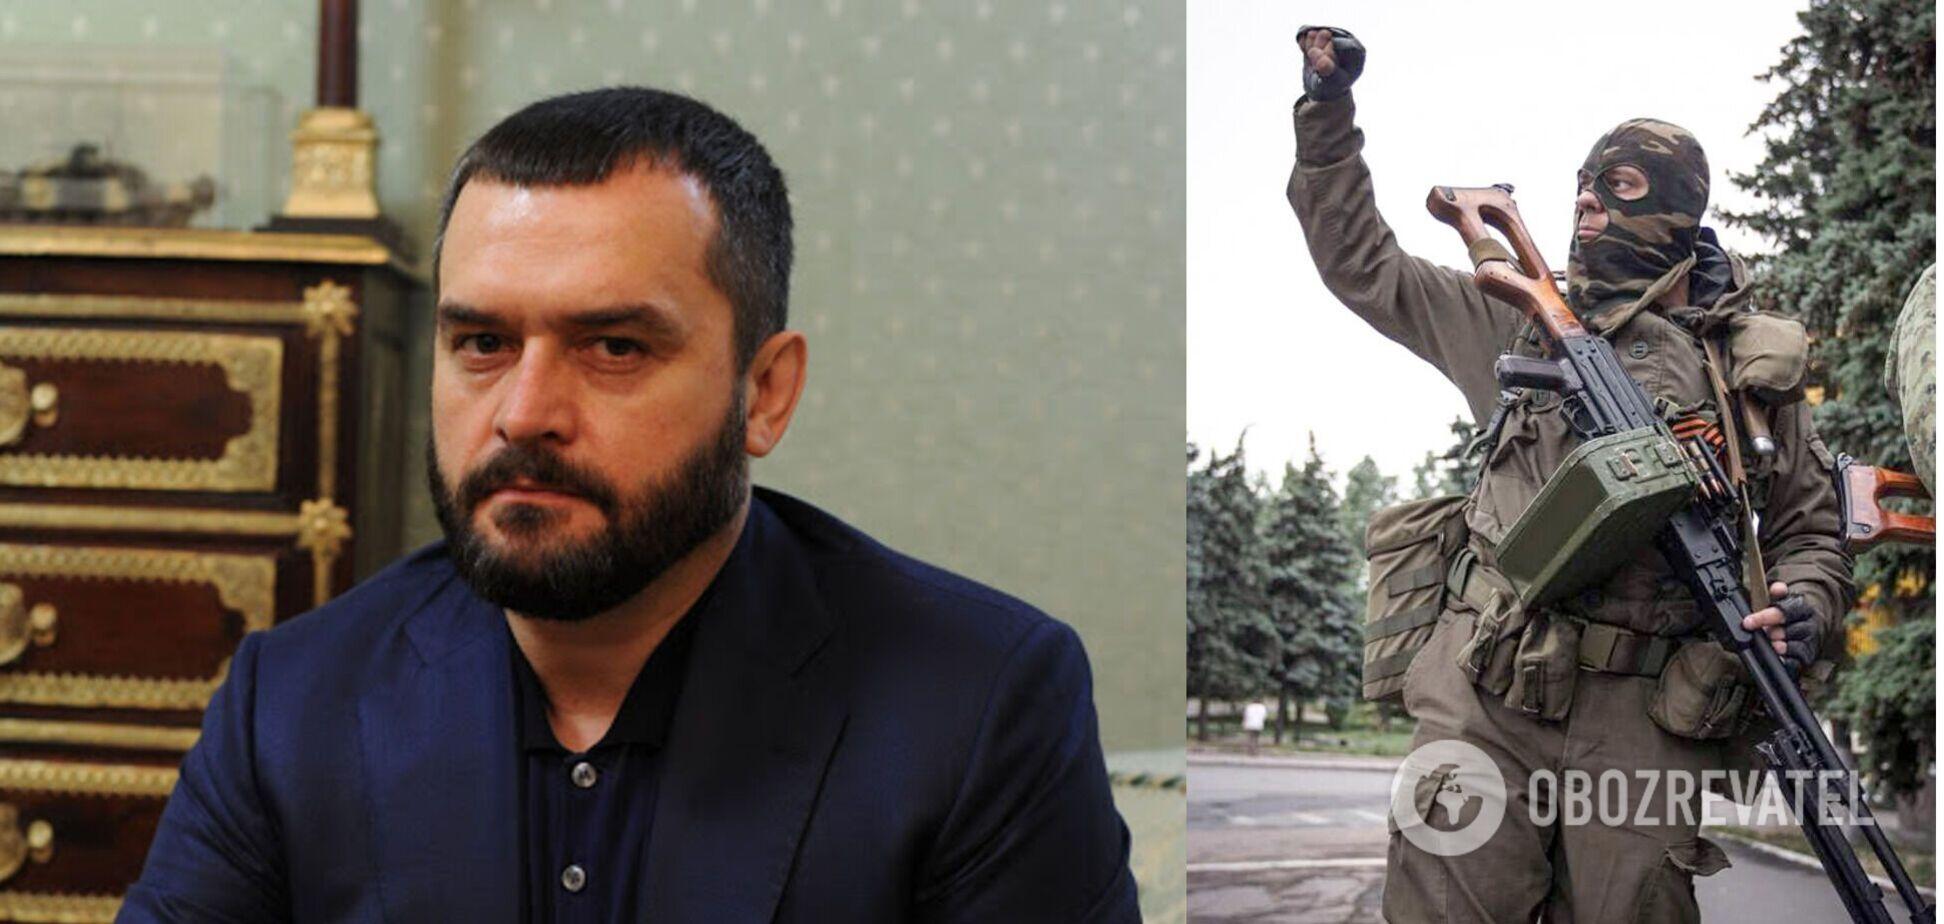 Ексміністр-втікач Захарченко сказав, що готовий очолити терористів 'Л/ДНР'